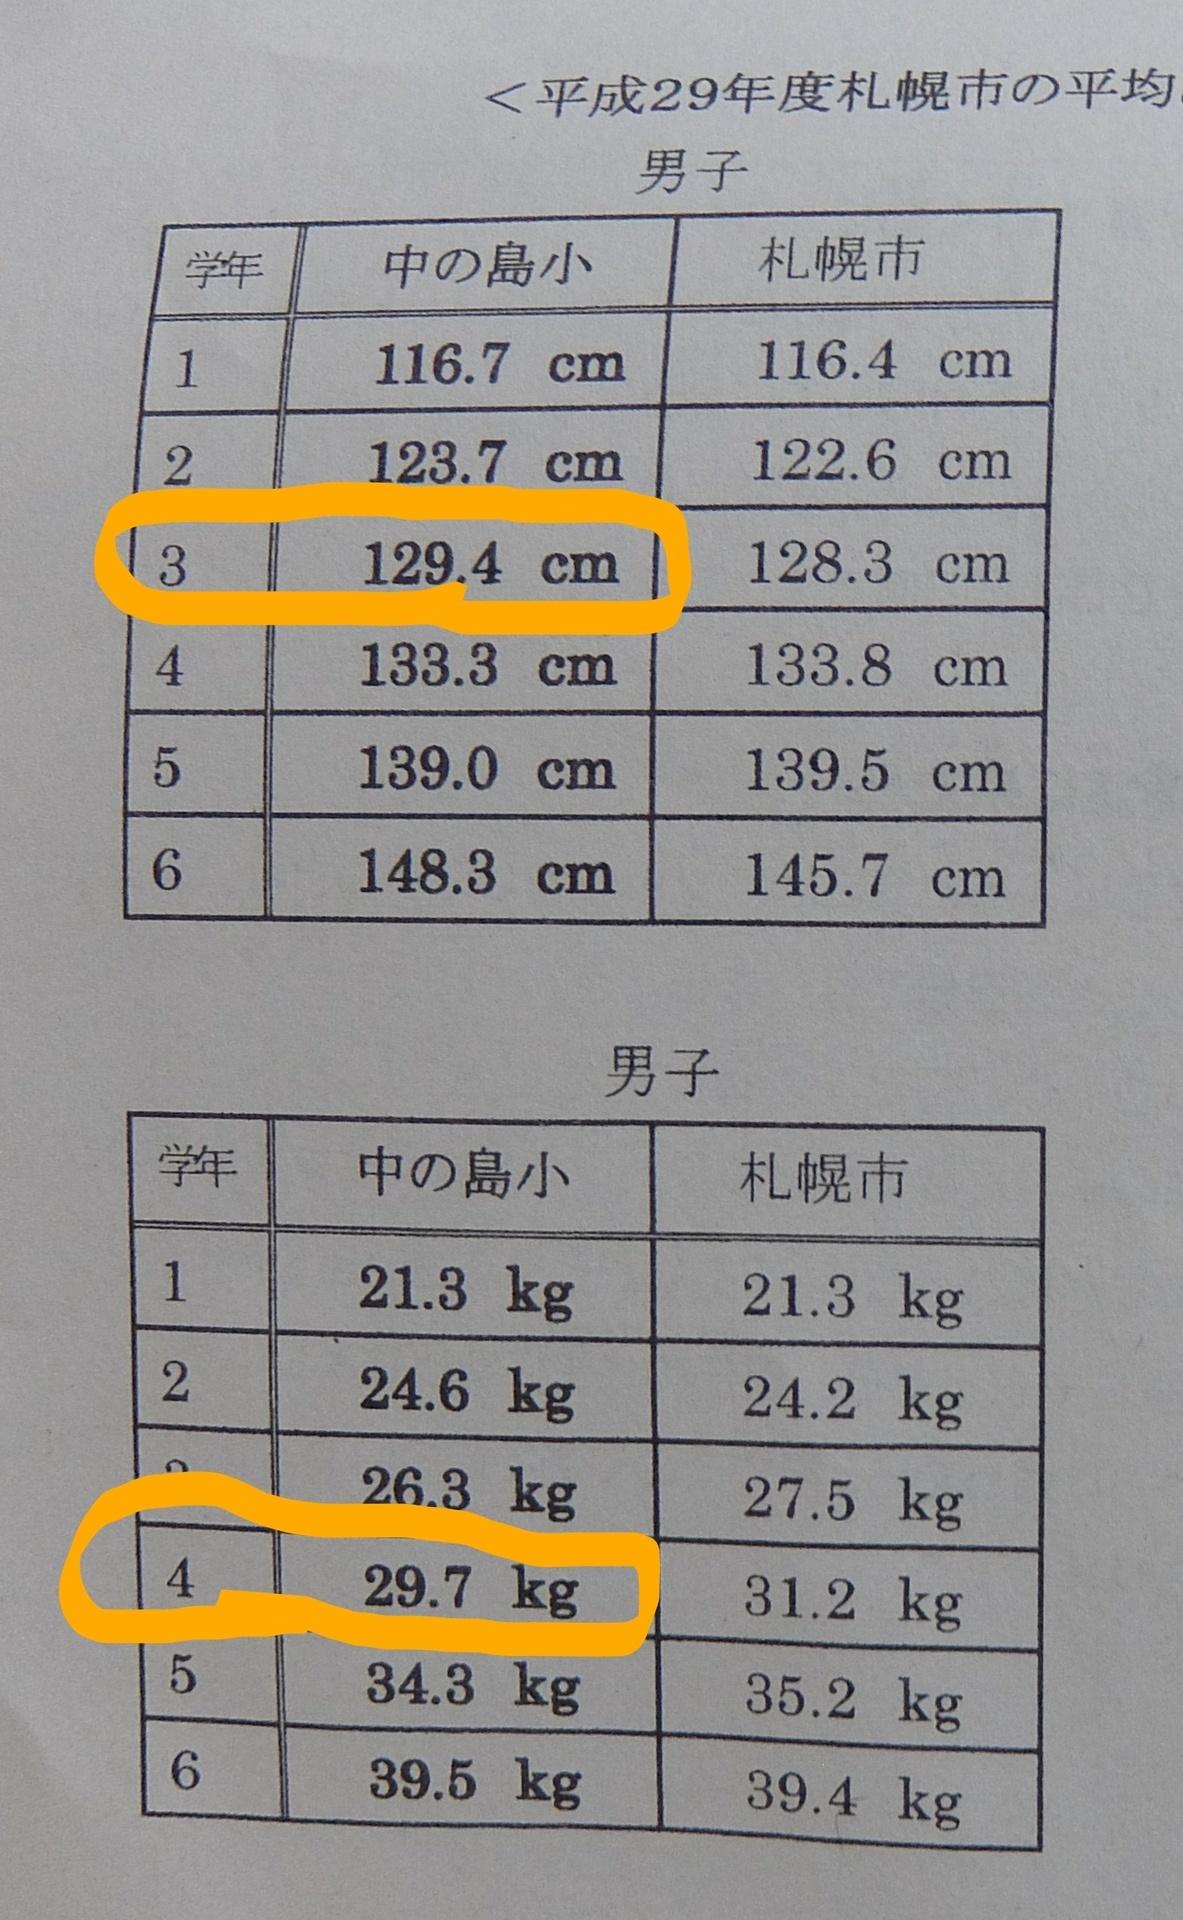 154 体重 の 身長 センチ 平均